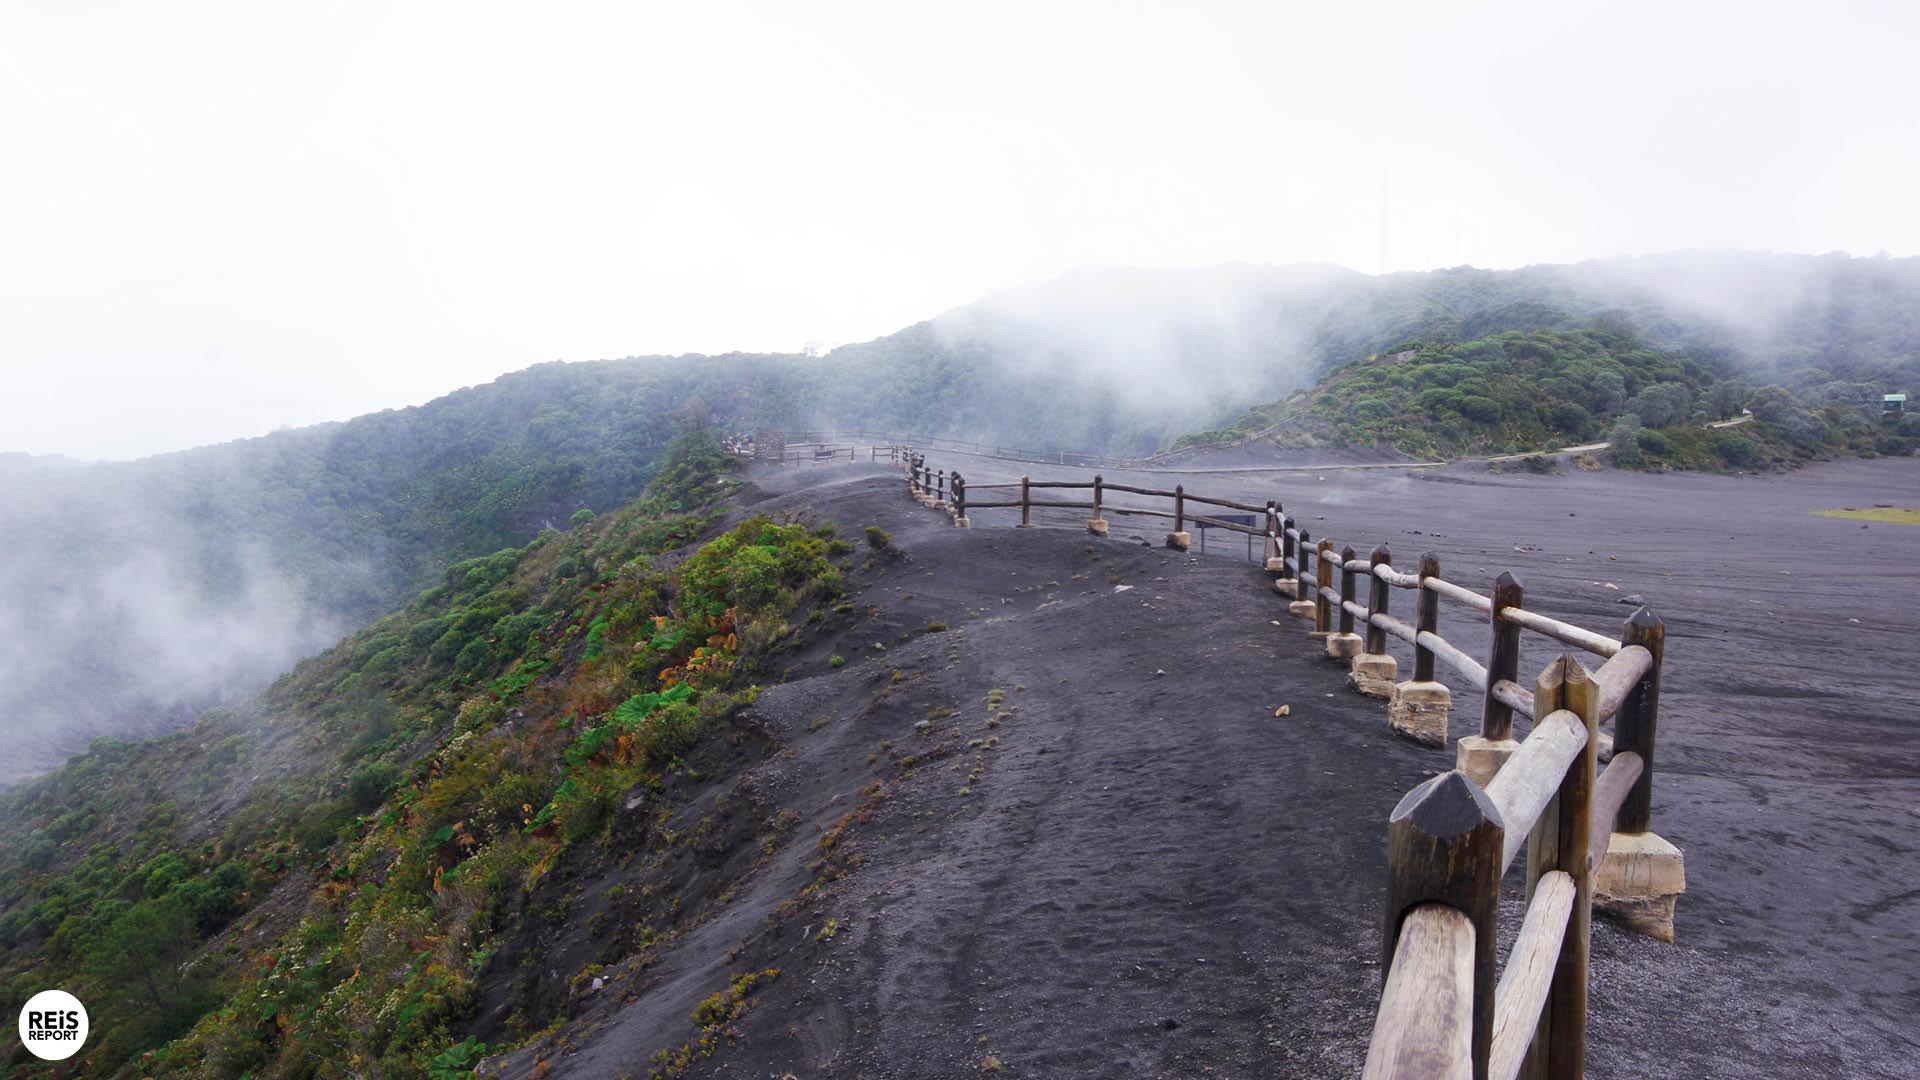 costa rica vulkaan irazú